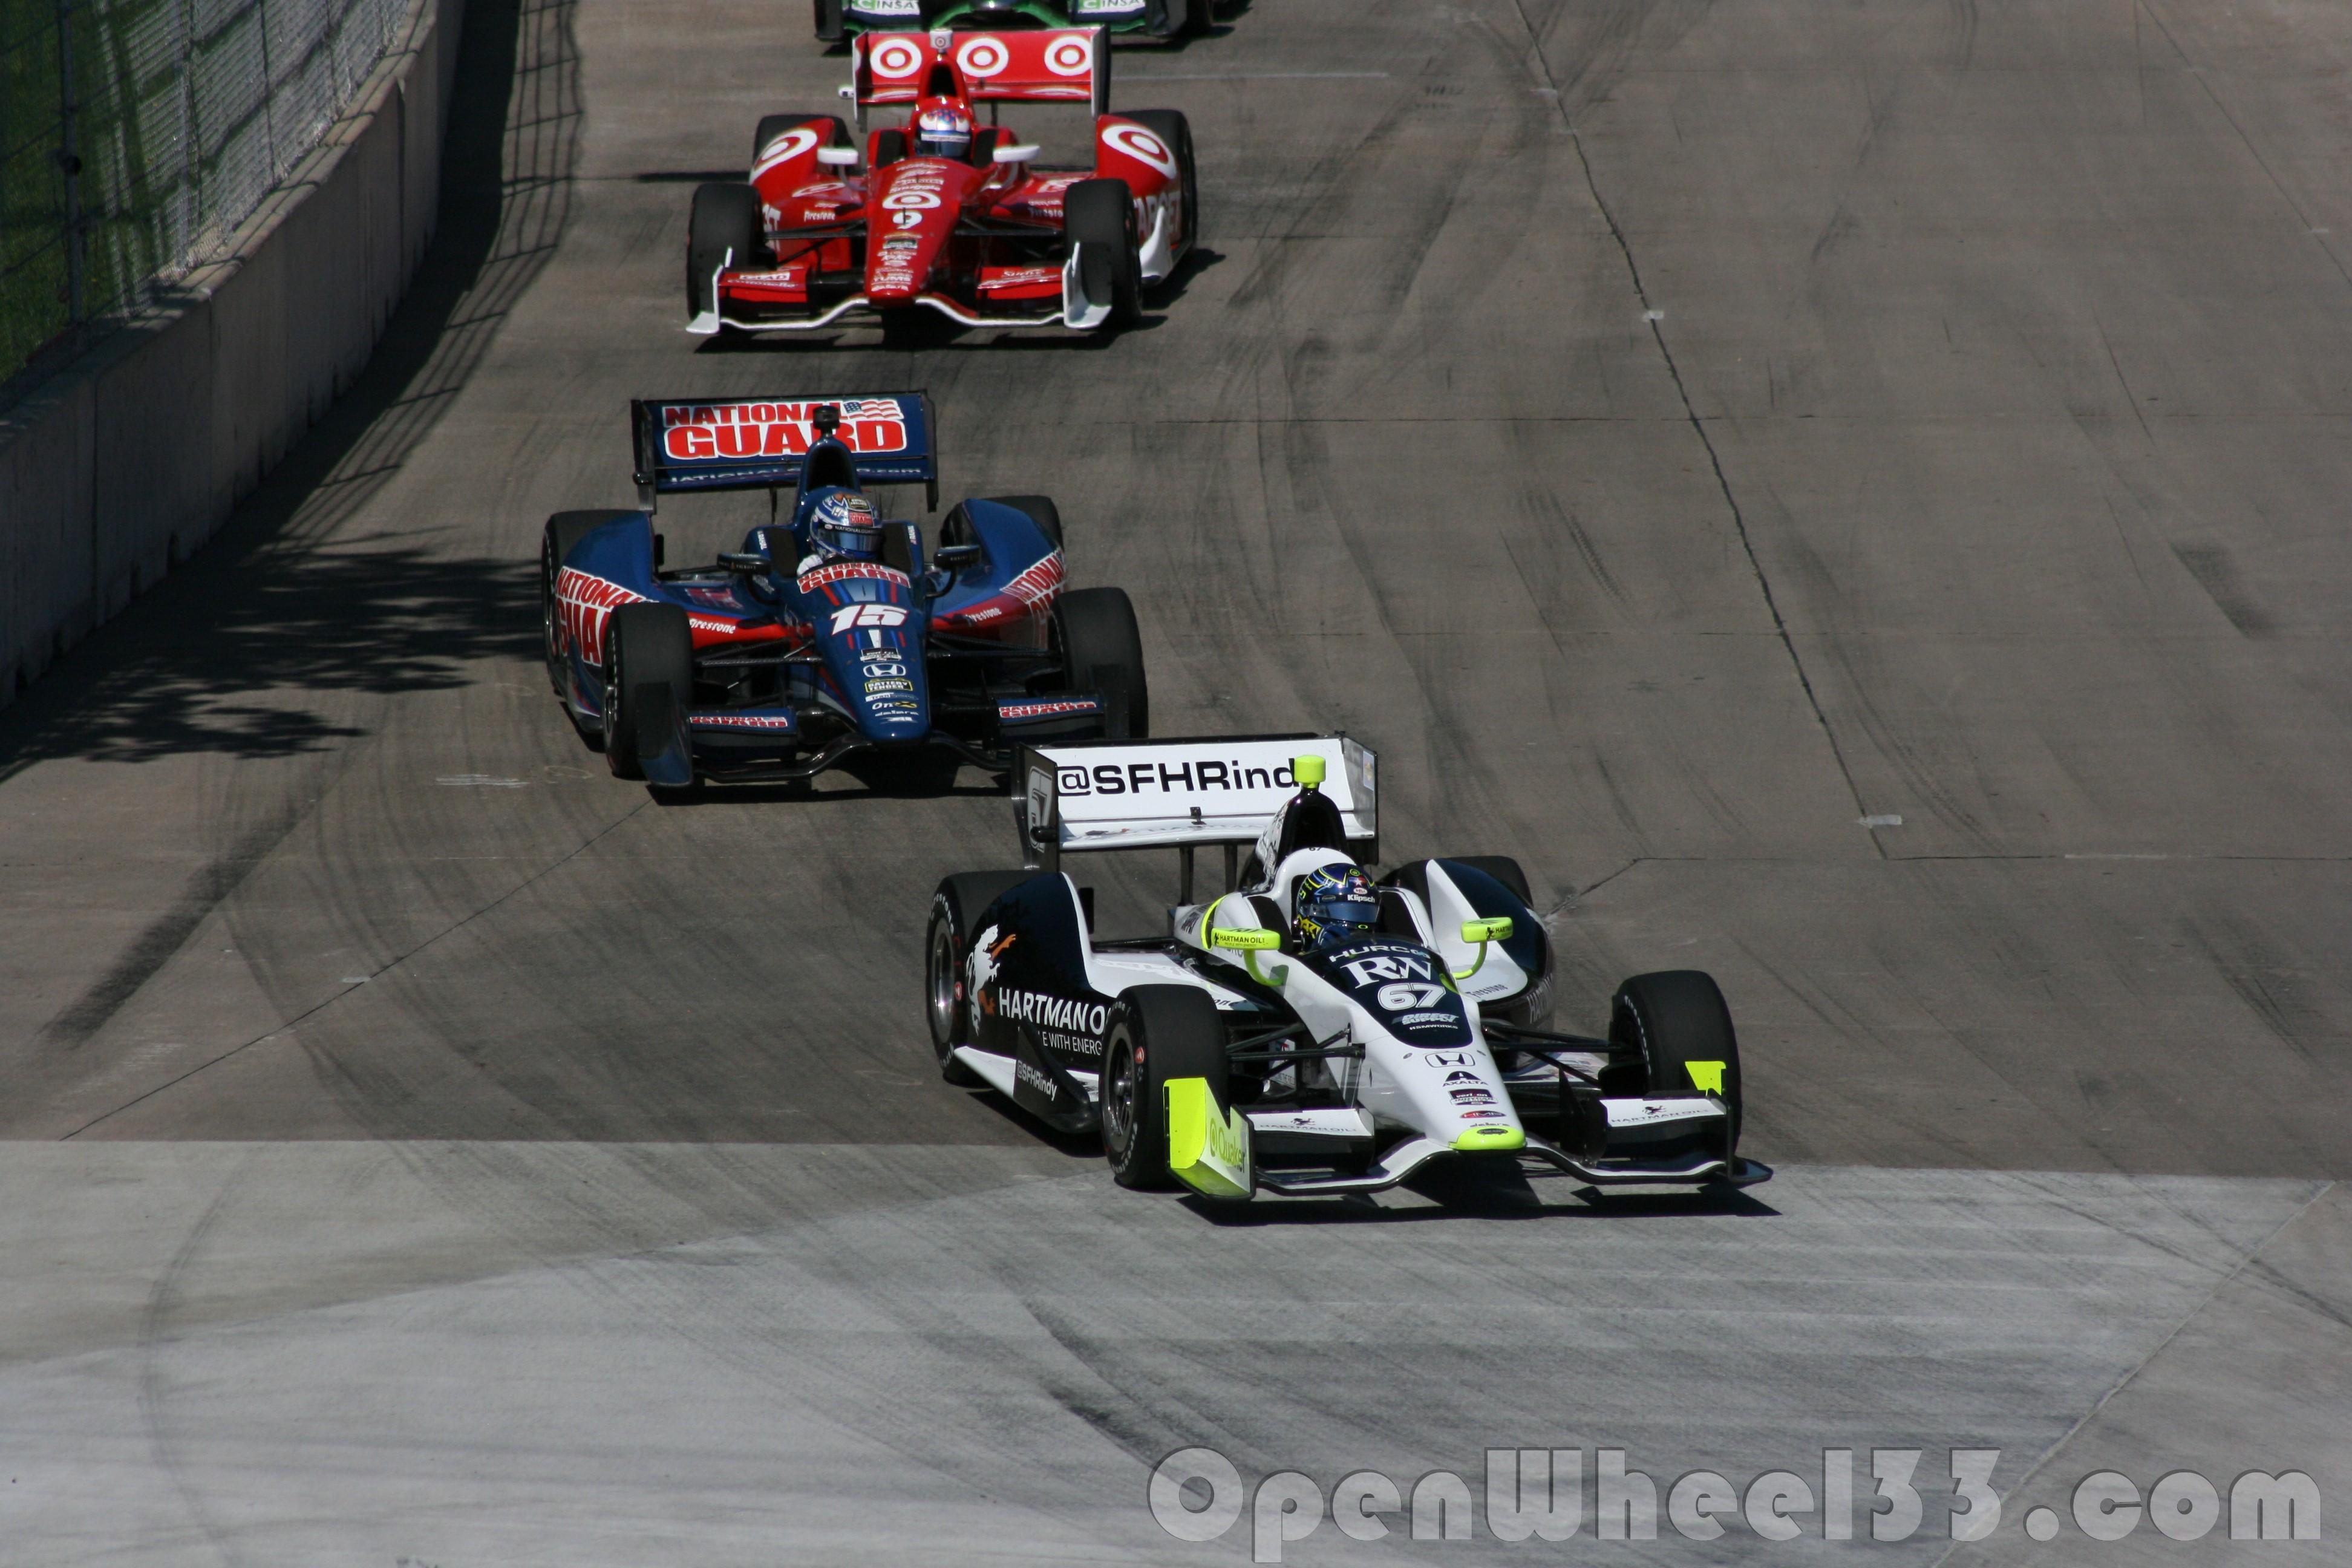 2014 Detroit GP R1 - 51 - PH